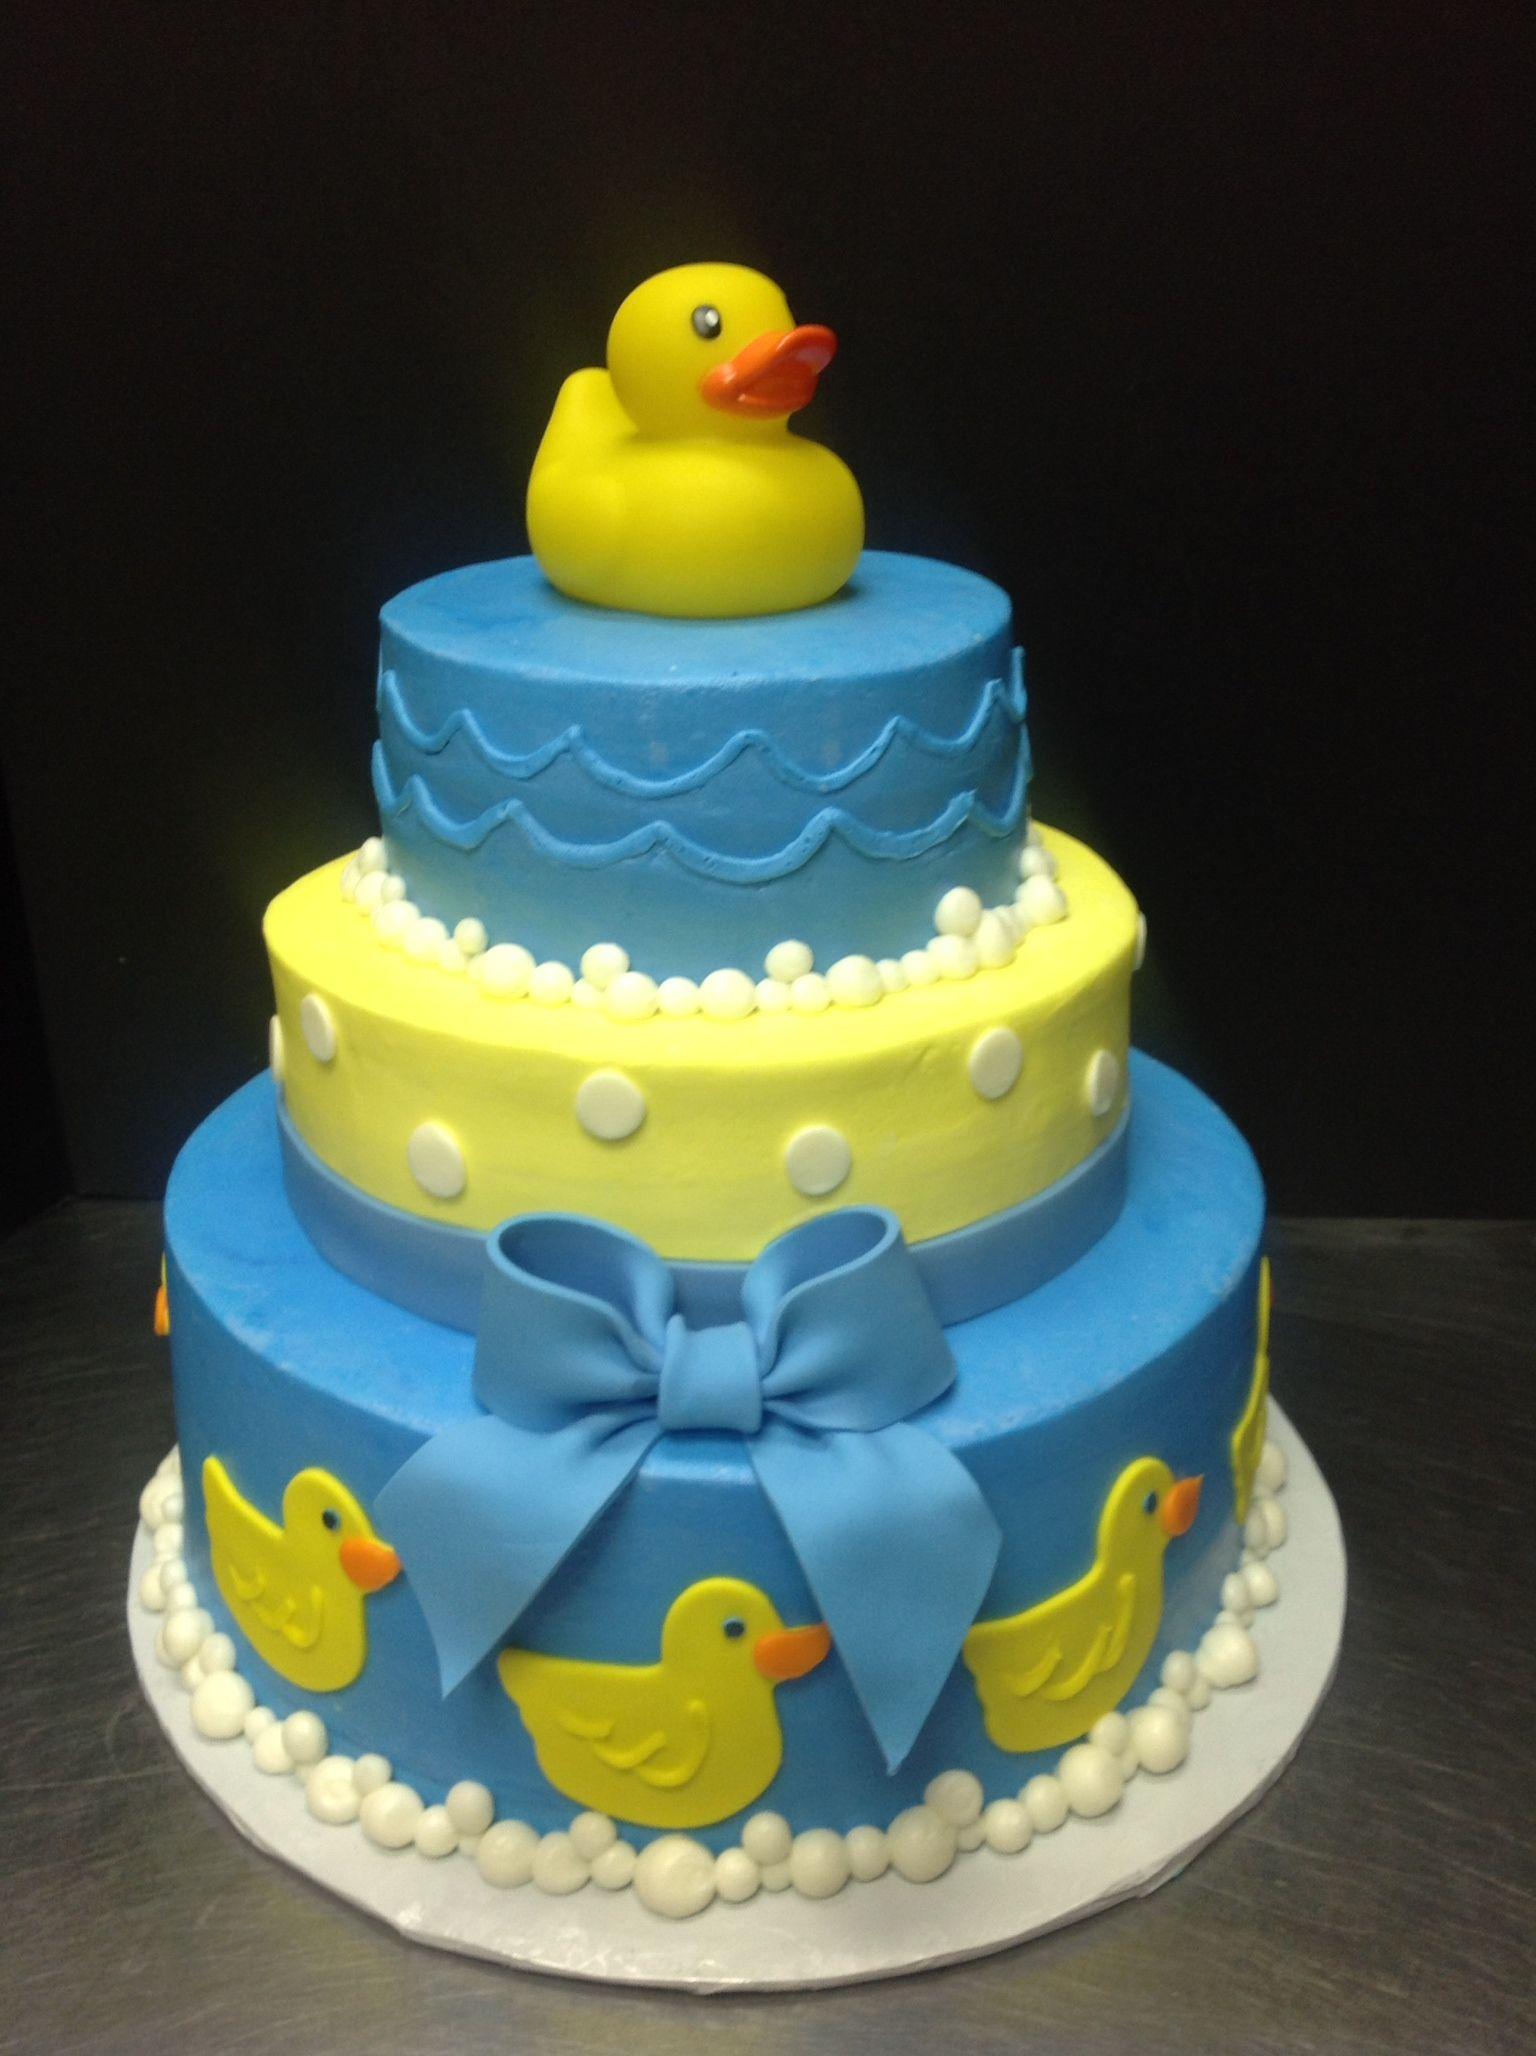 Rubber Ducky Cake  Torten Deko  Torten Torten deko und